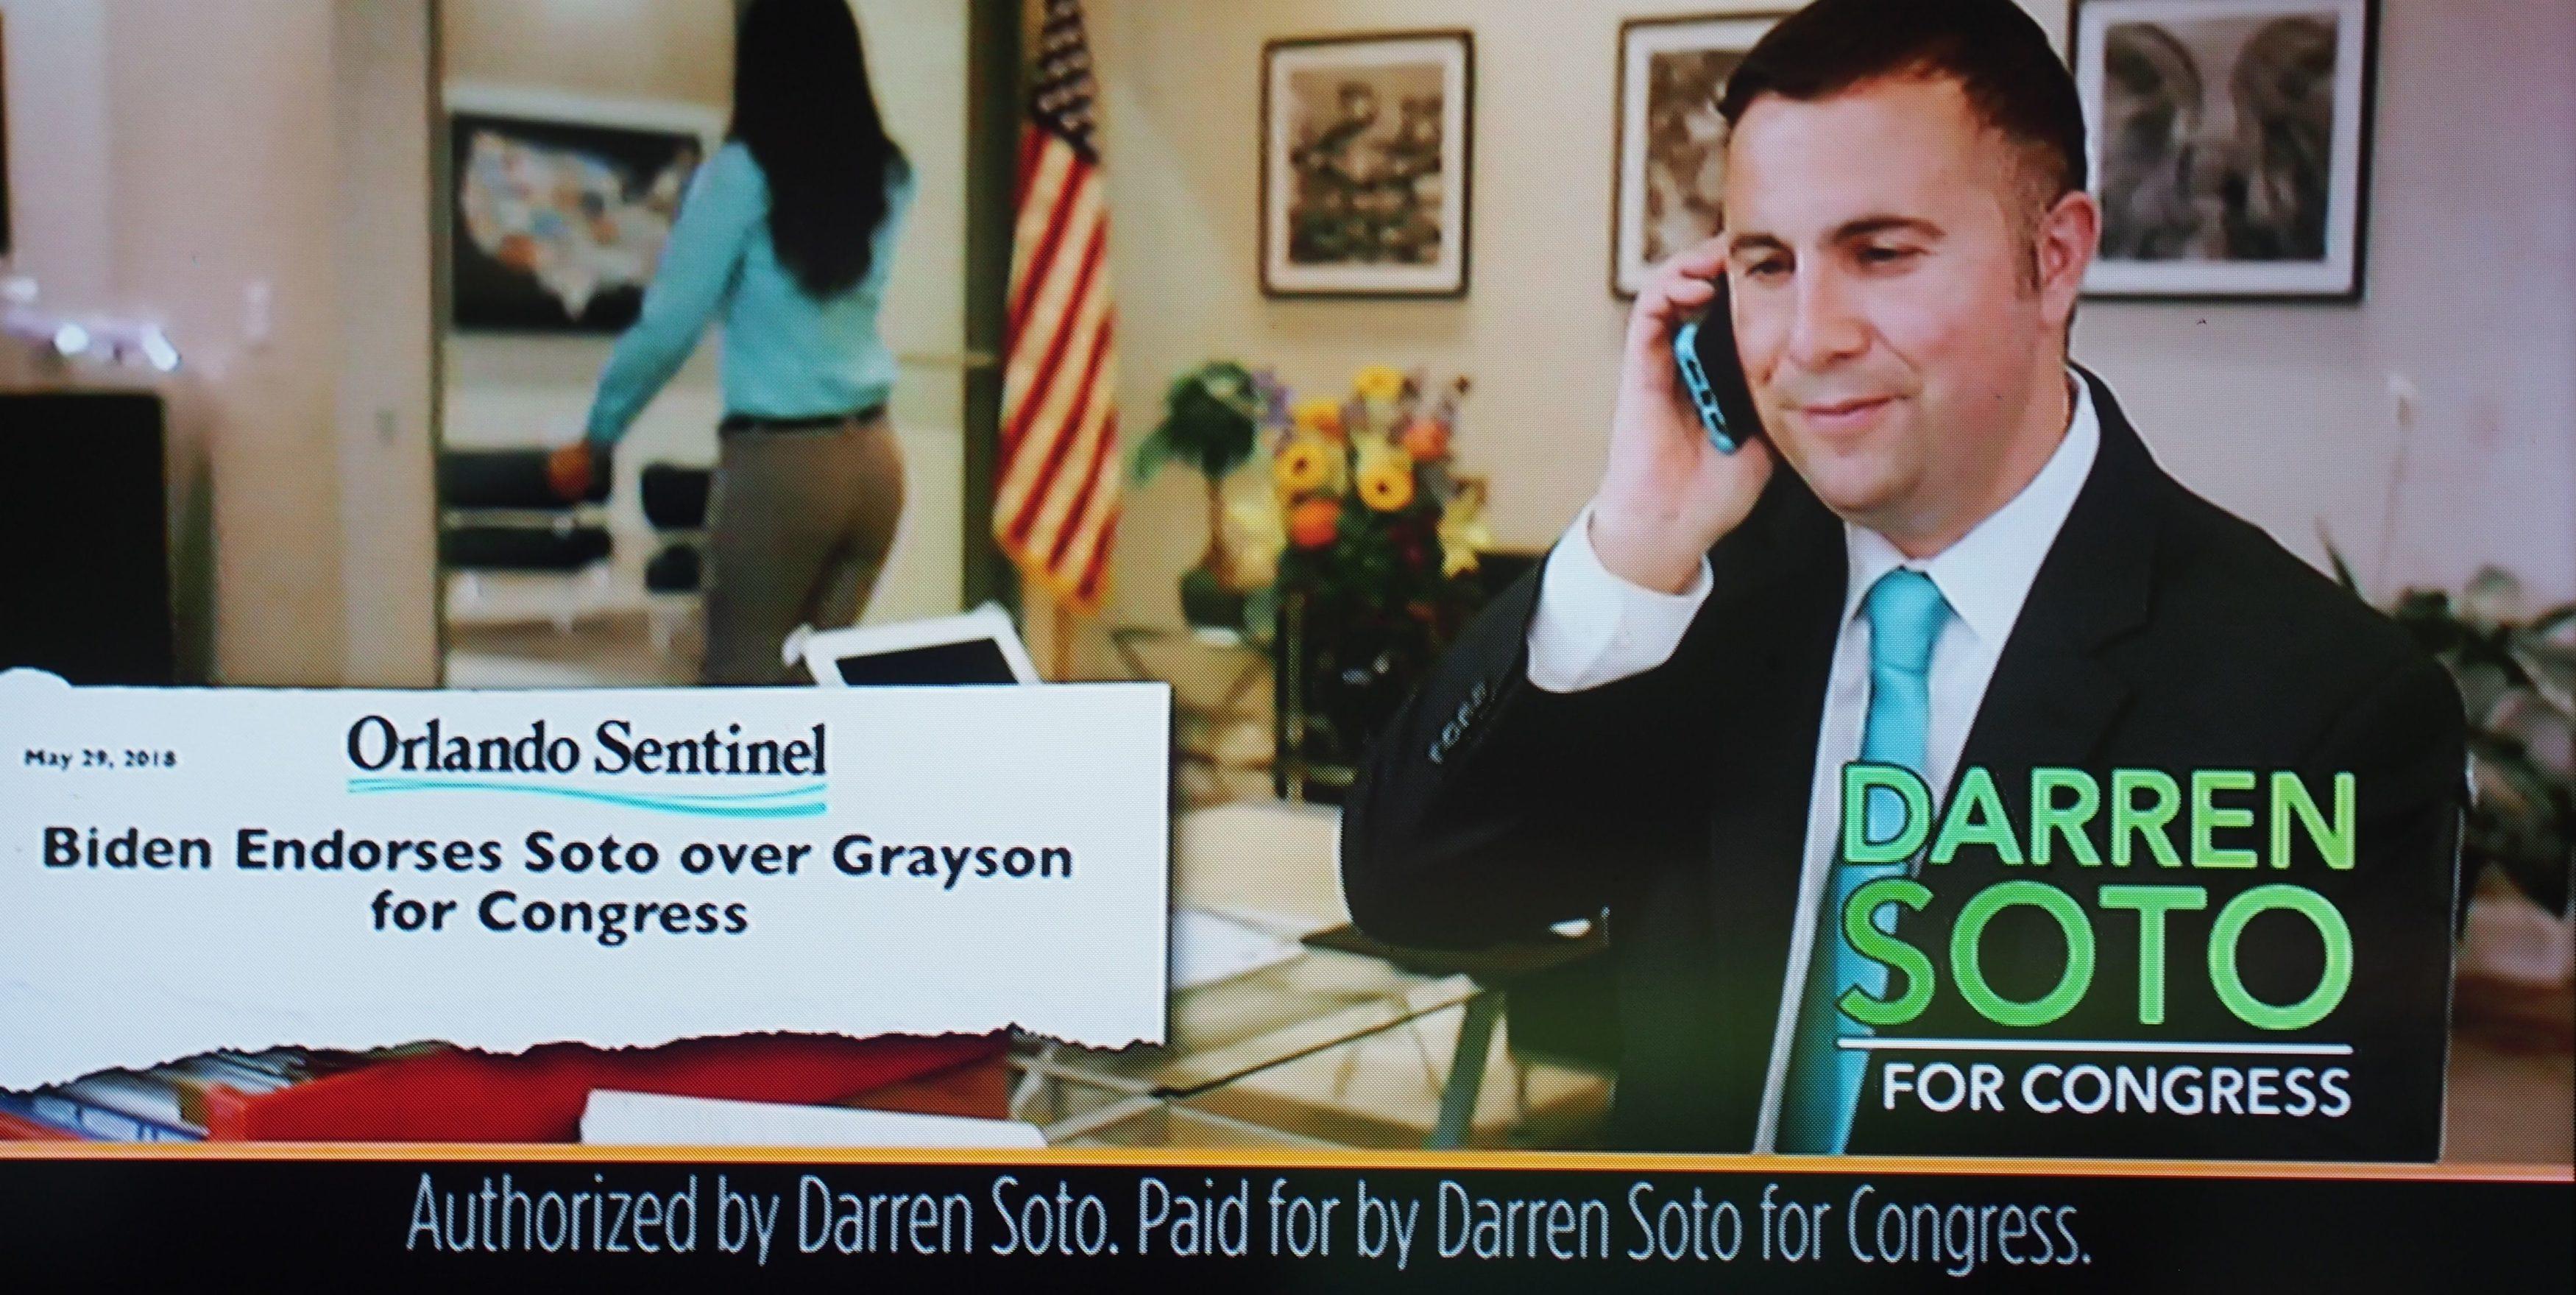 Darren-Soto-commercial-1-3500x1759.jpg